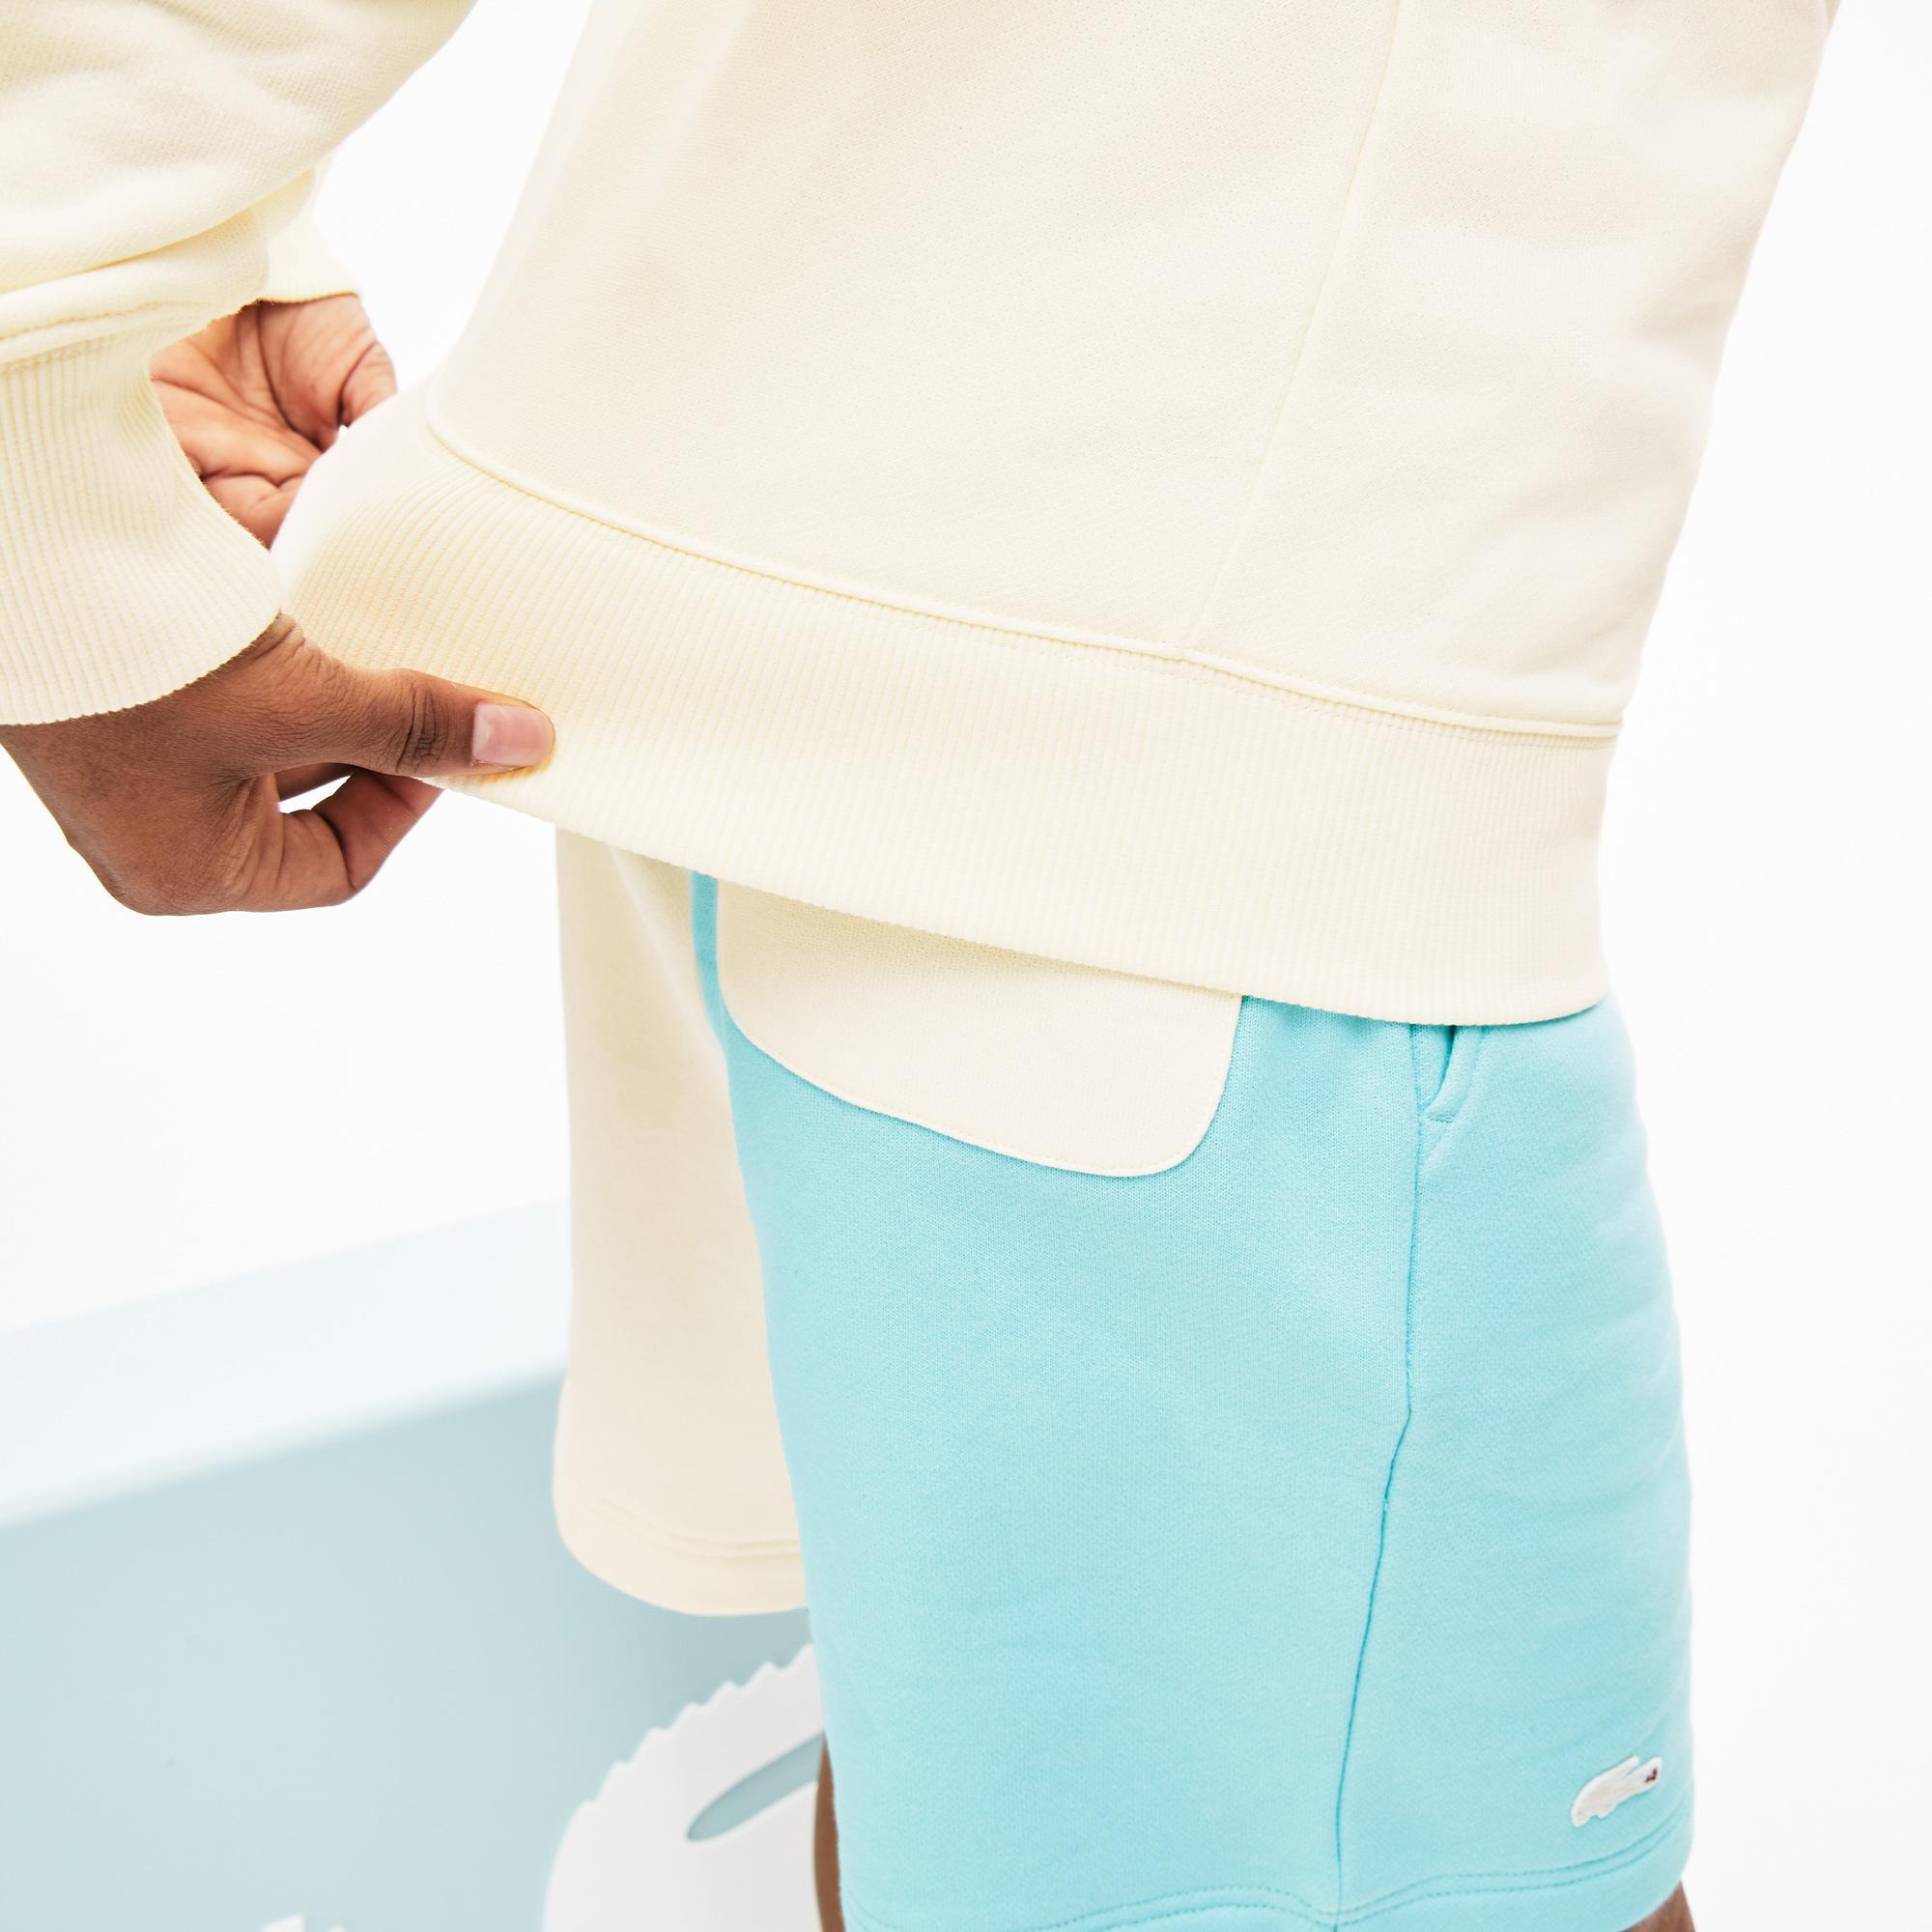 Lacoste X GOLF le FLEUR Unisex Loose Fit Blok Desenli Polo Yaka Pembe - Bej Sweatshirt